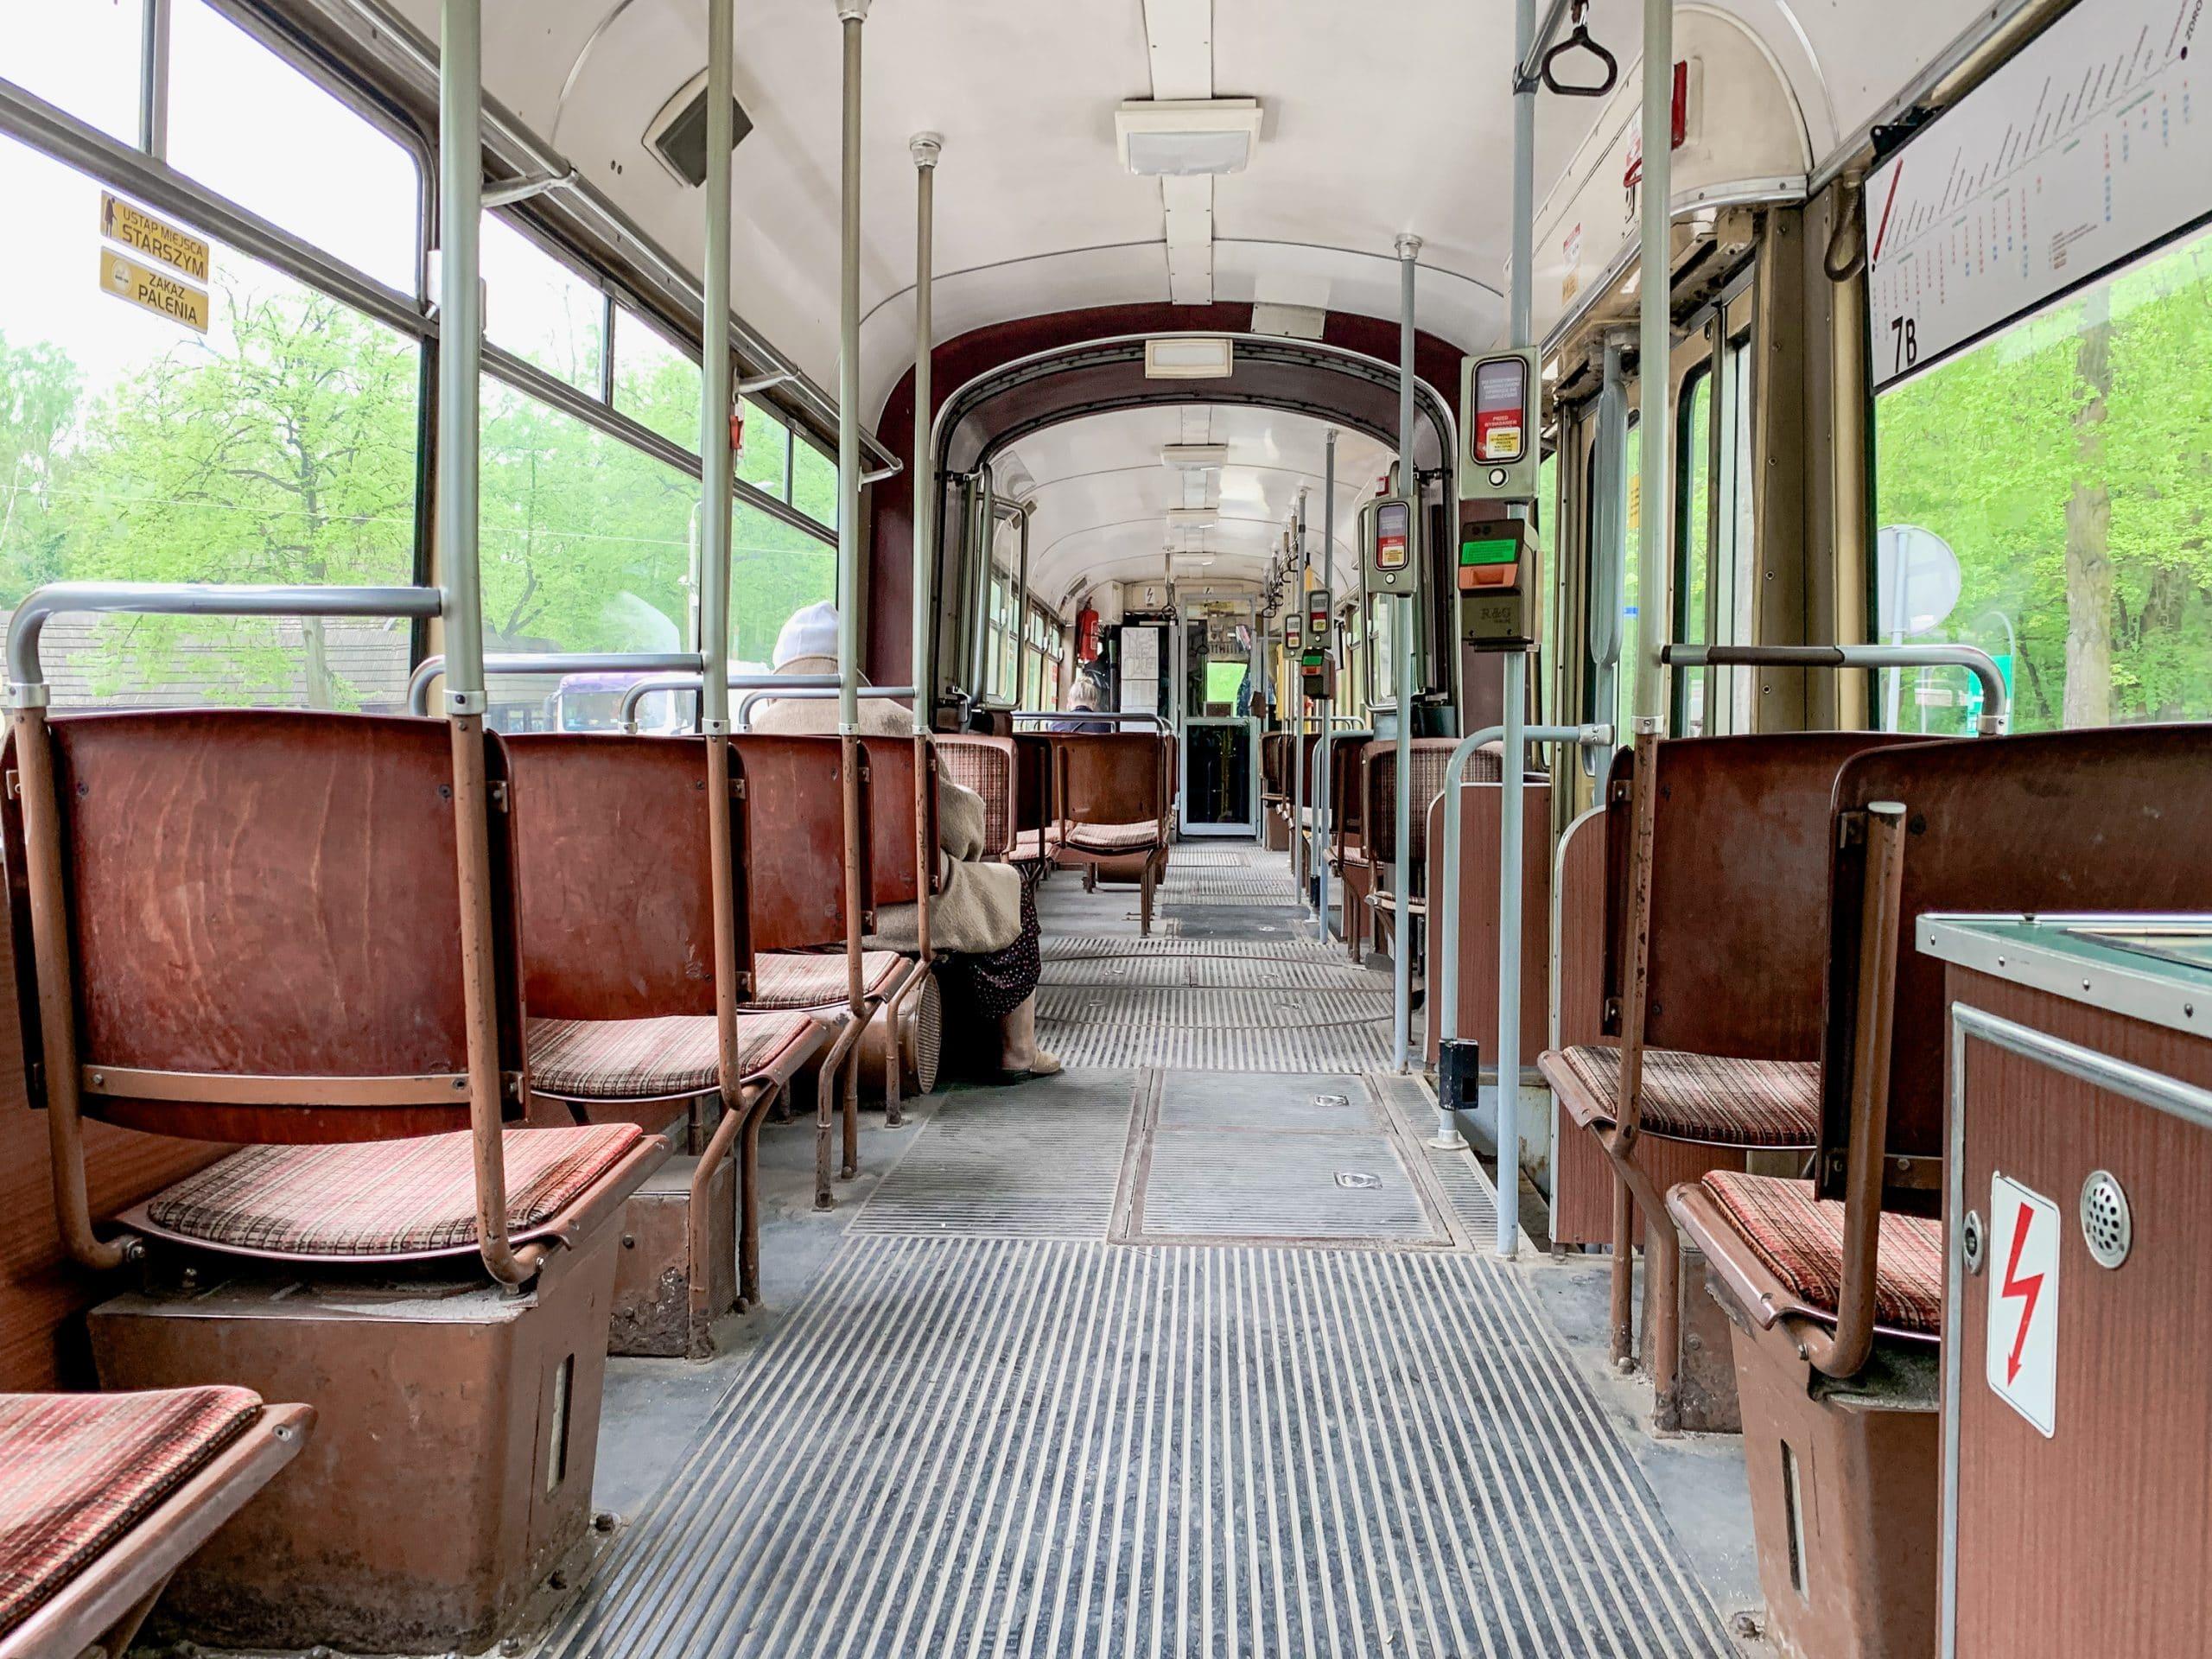 Lodz Top Ten Sehenswürdigkeiten - Highlights für euren Städtetrip in Polen - Historische Straßenbahn